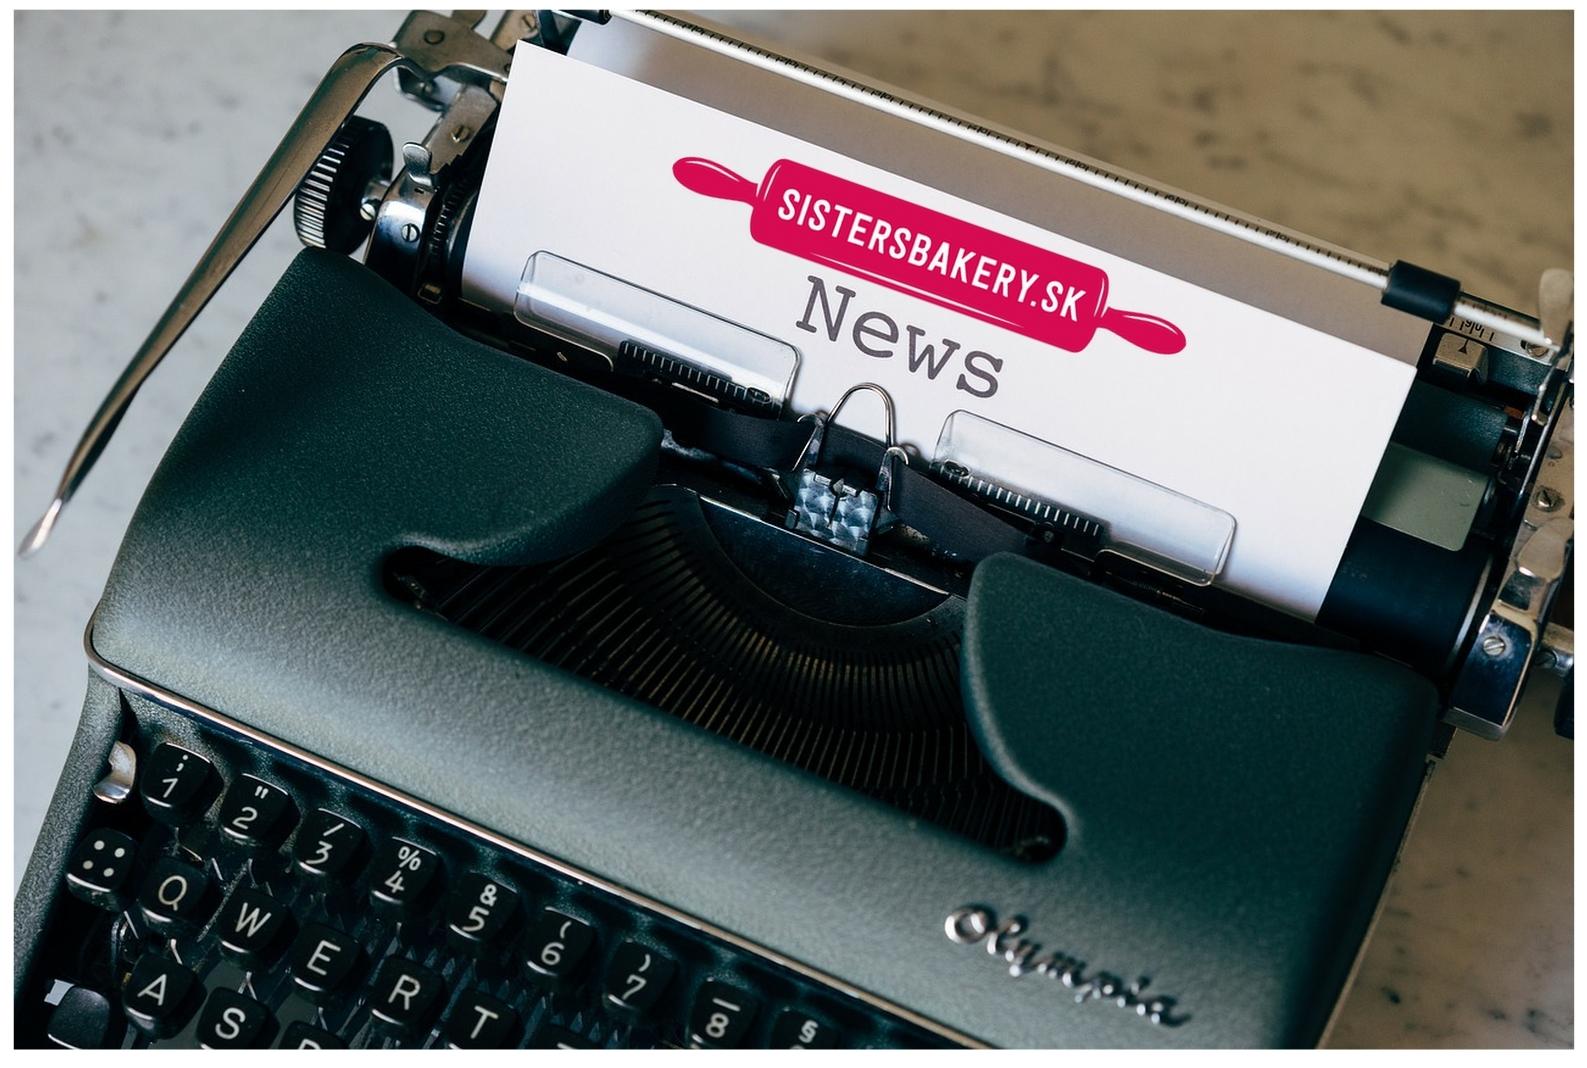 Newsletter Sisters Bakery – Recepty do vašej mailovej schránky